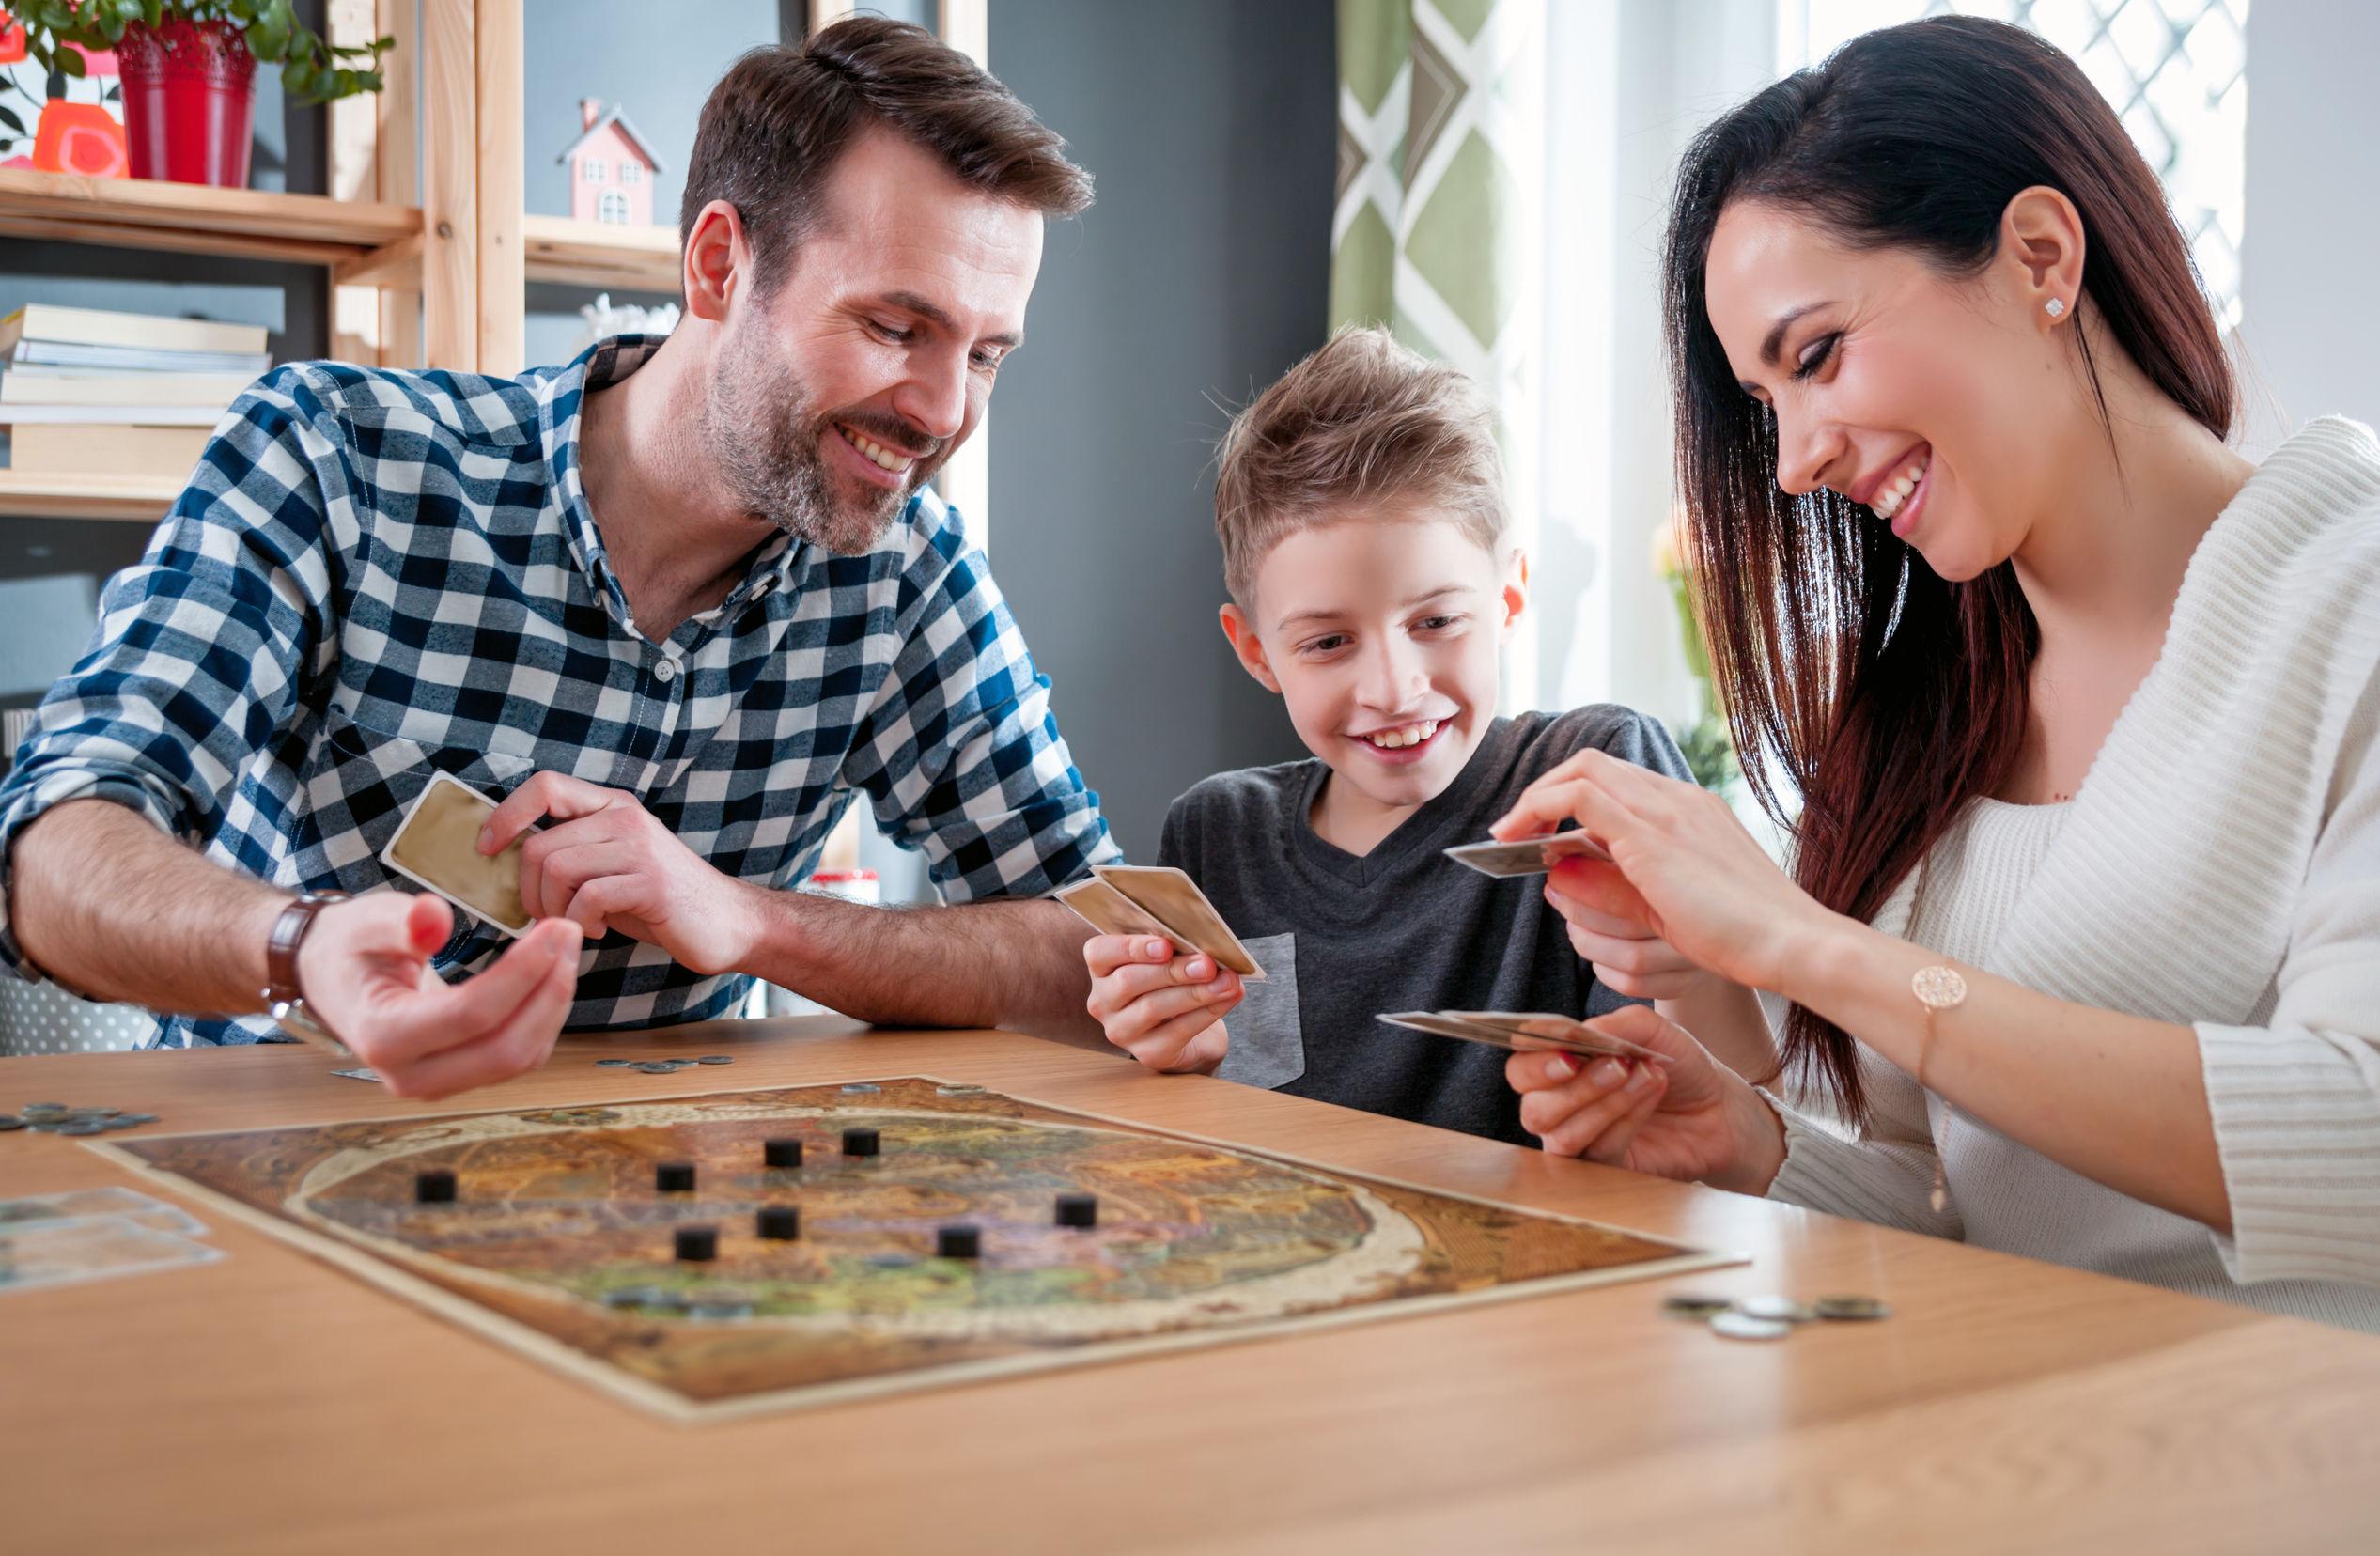 Les meilleurs jeux de société pour s'amuser en famille